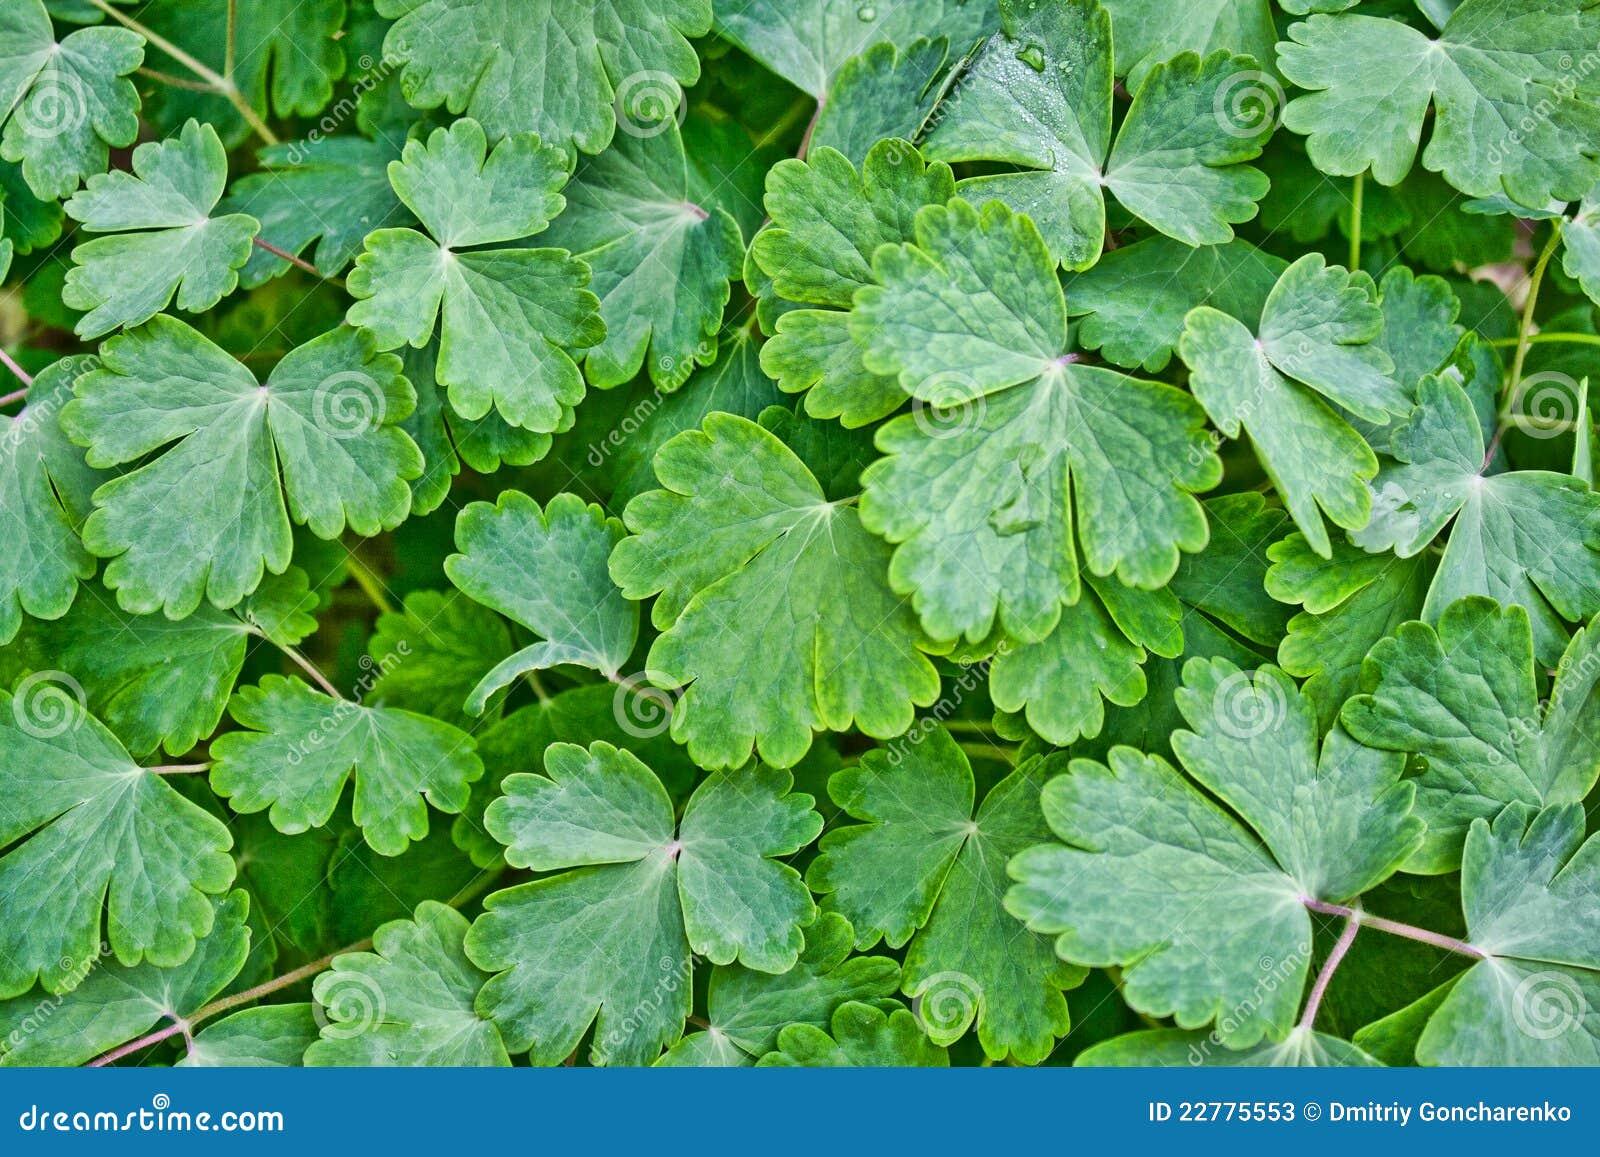 листья зеленого цвета